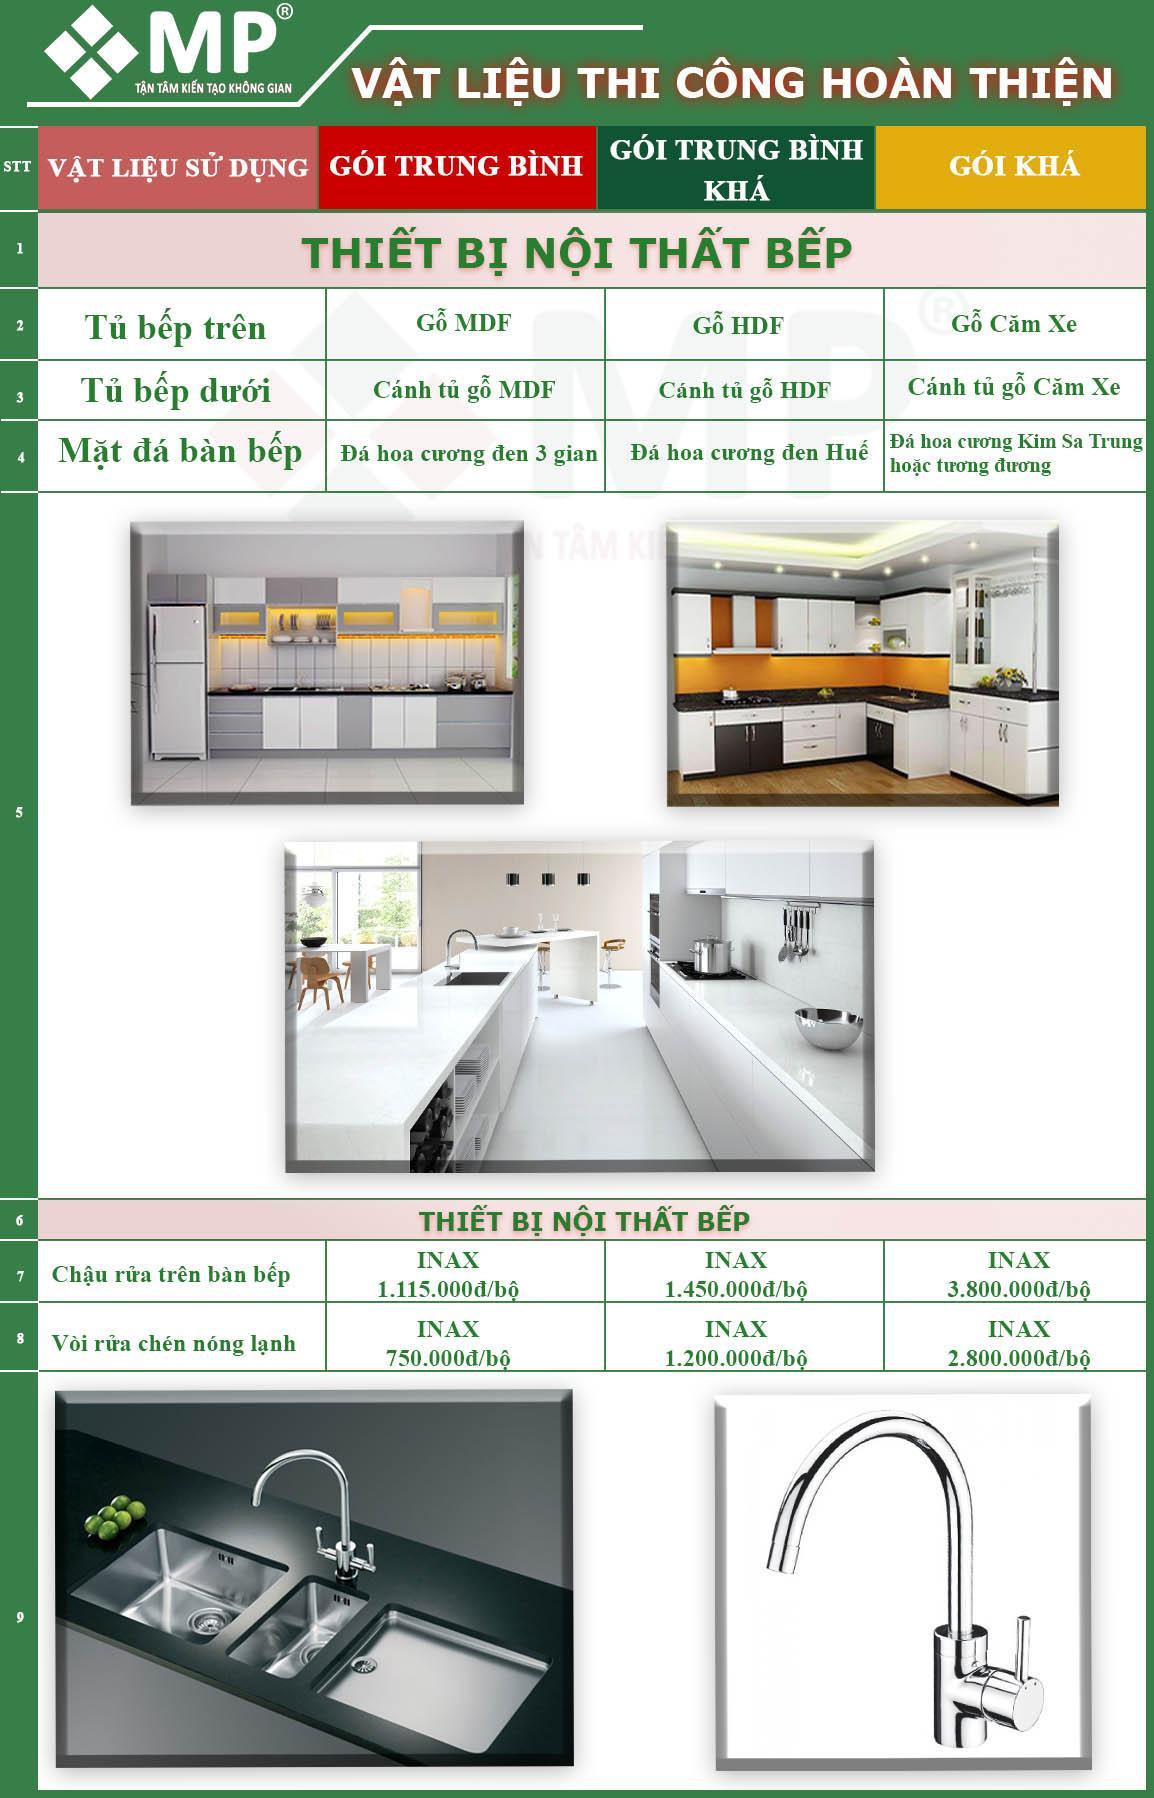 Vật liệu thi công hoàn thiện trong đơn giá xây nhà